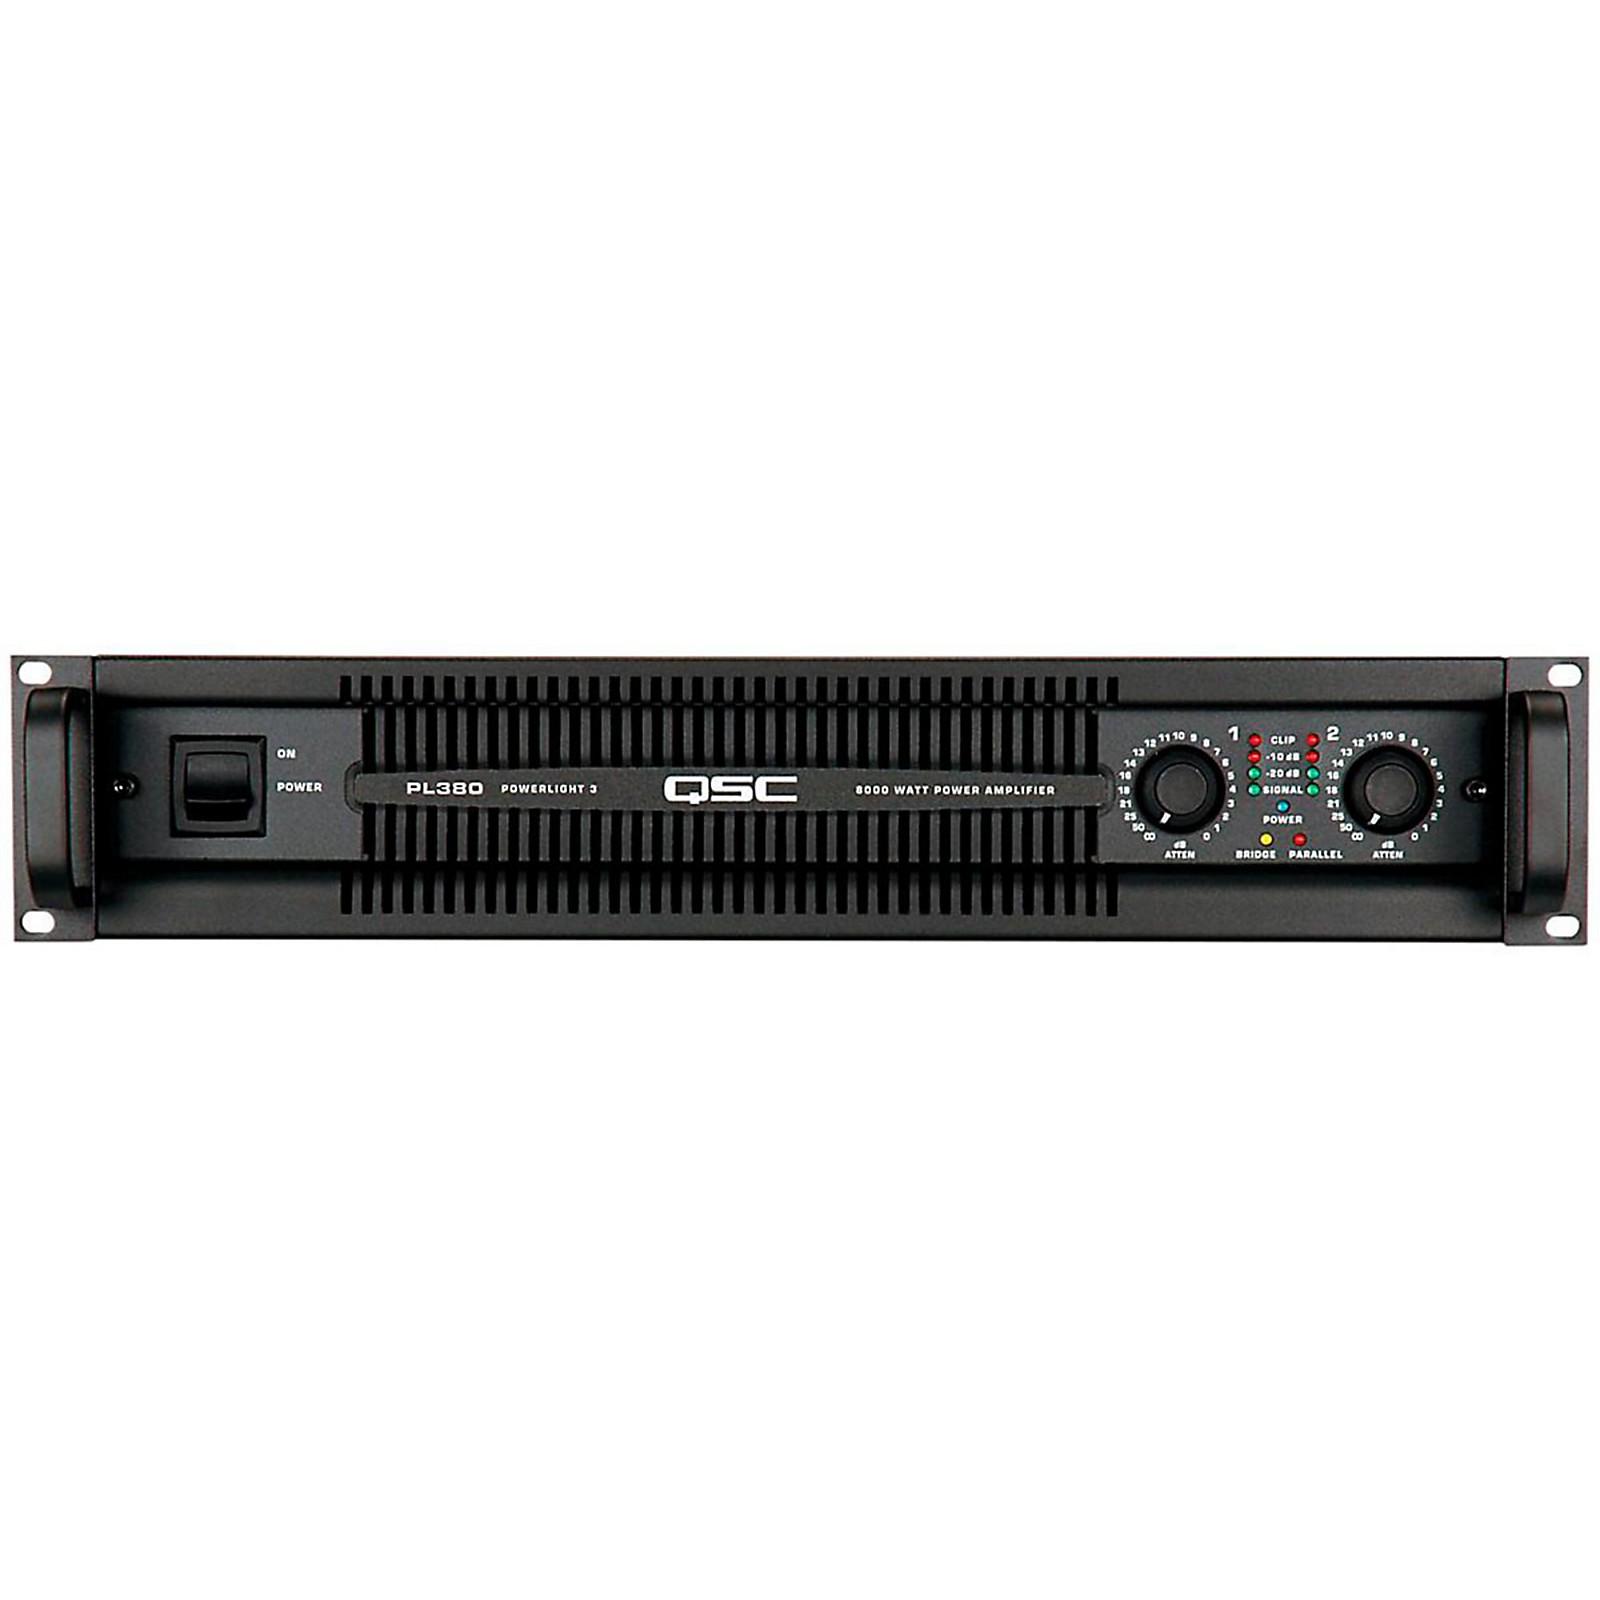 QSC PL380 PowerLite Amplifier